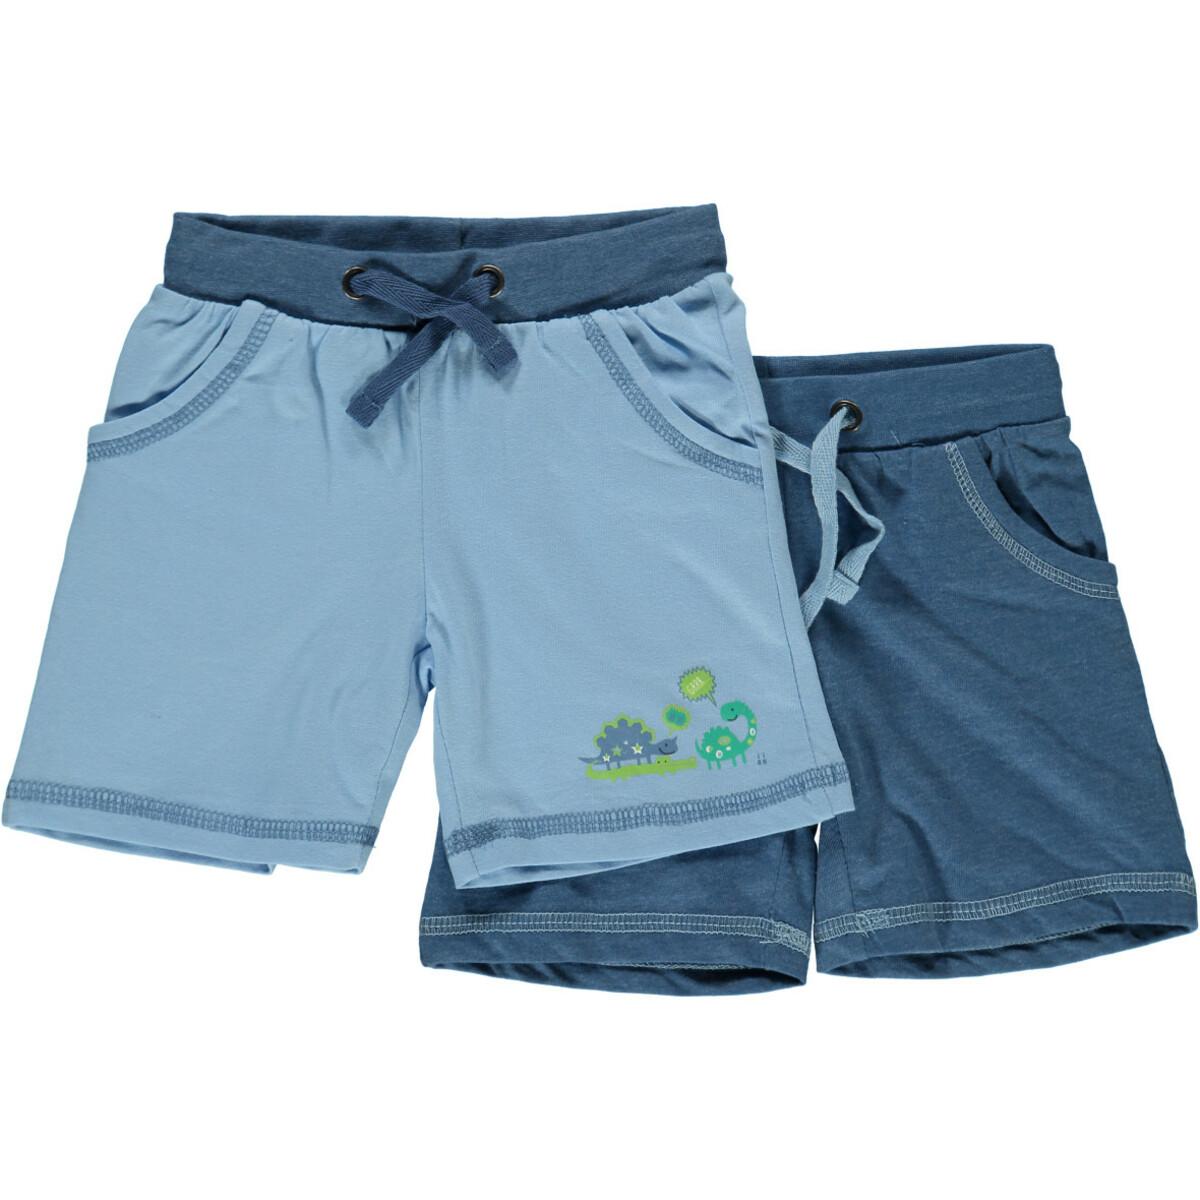 Bild 1 von Baby Shorts im 2er Pack